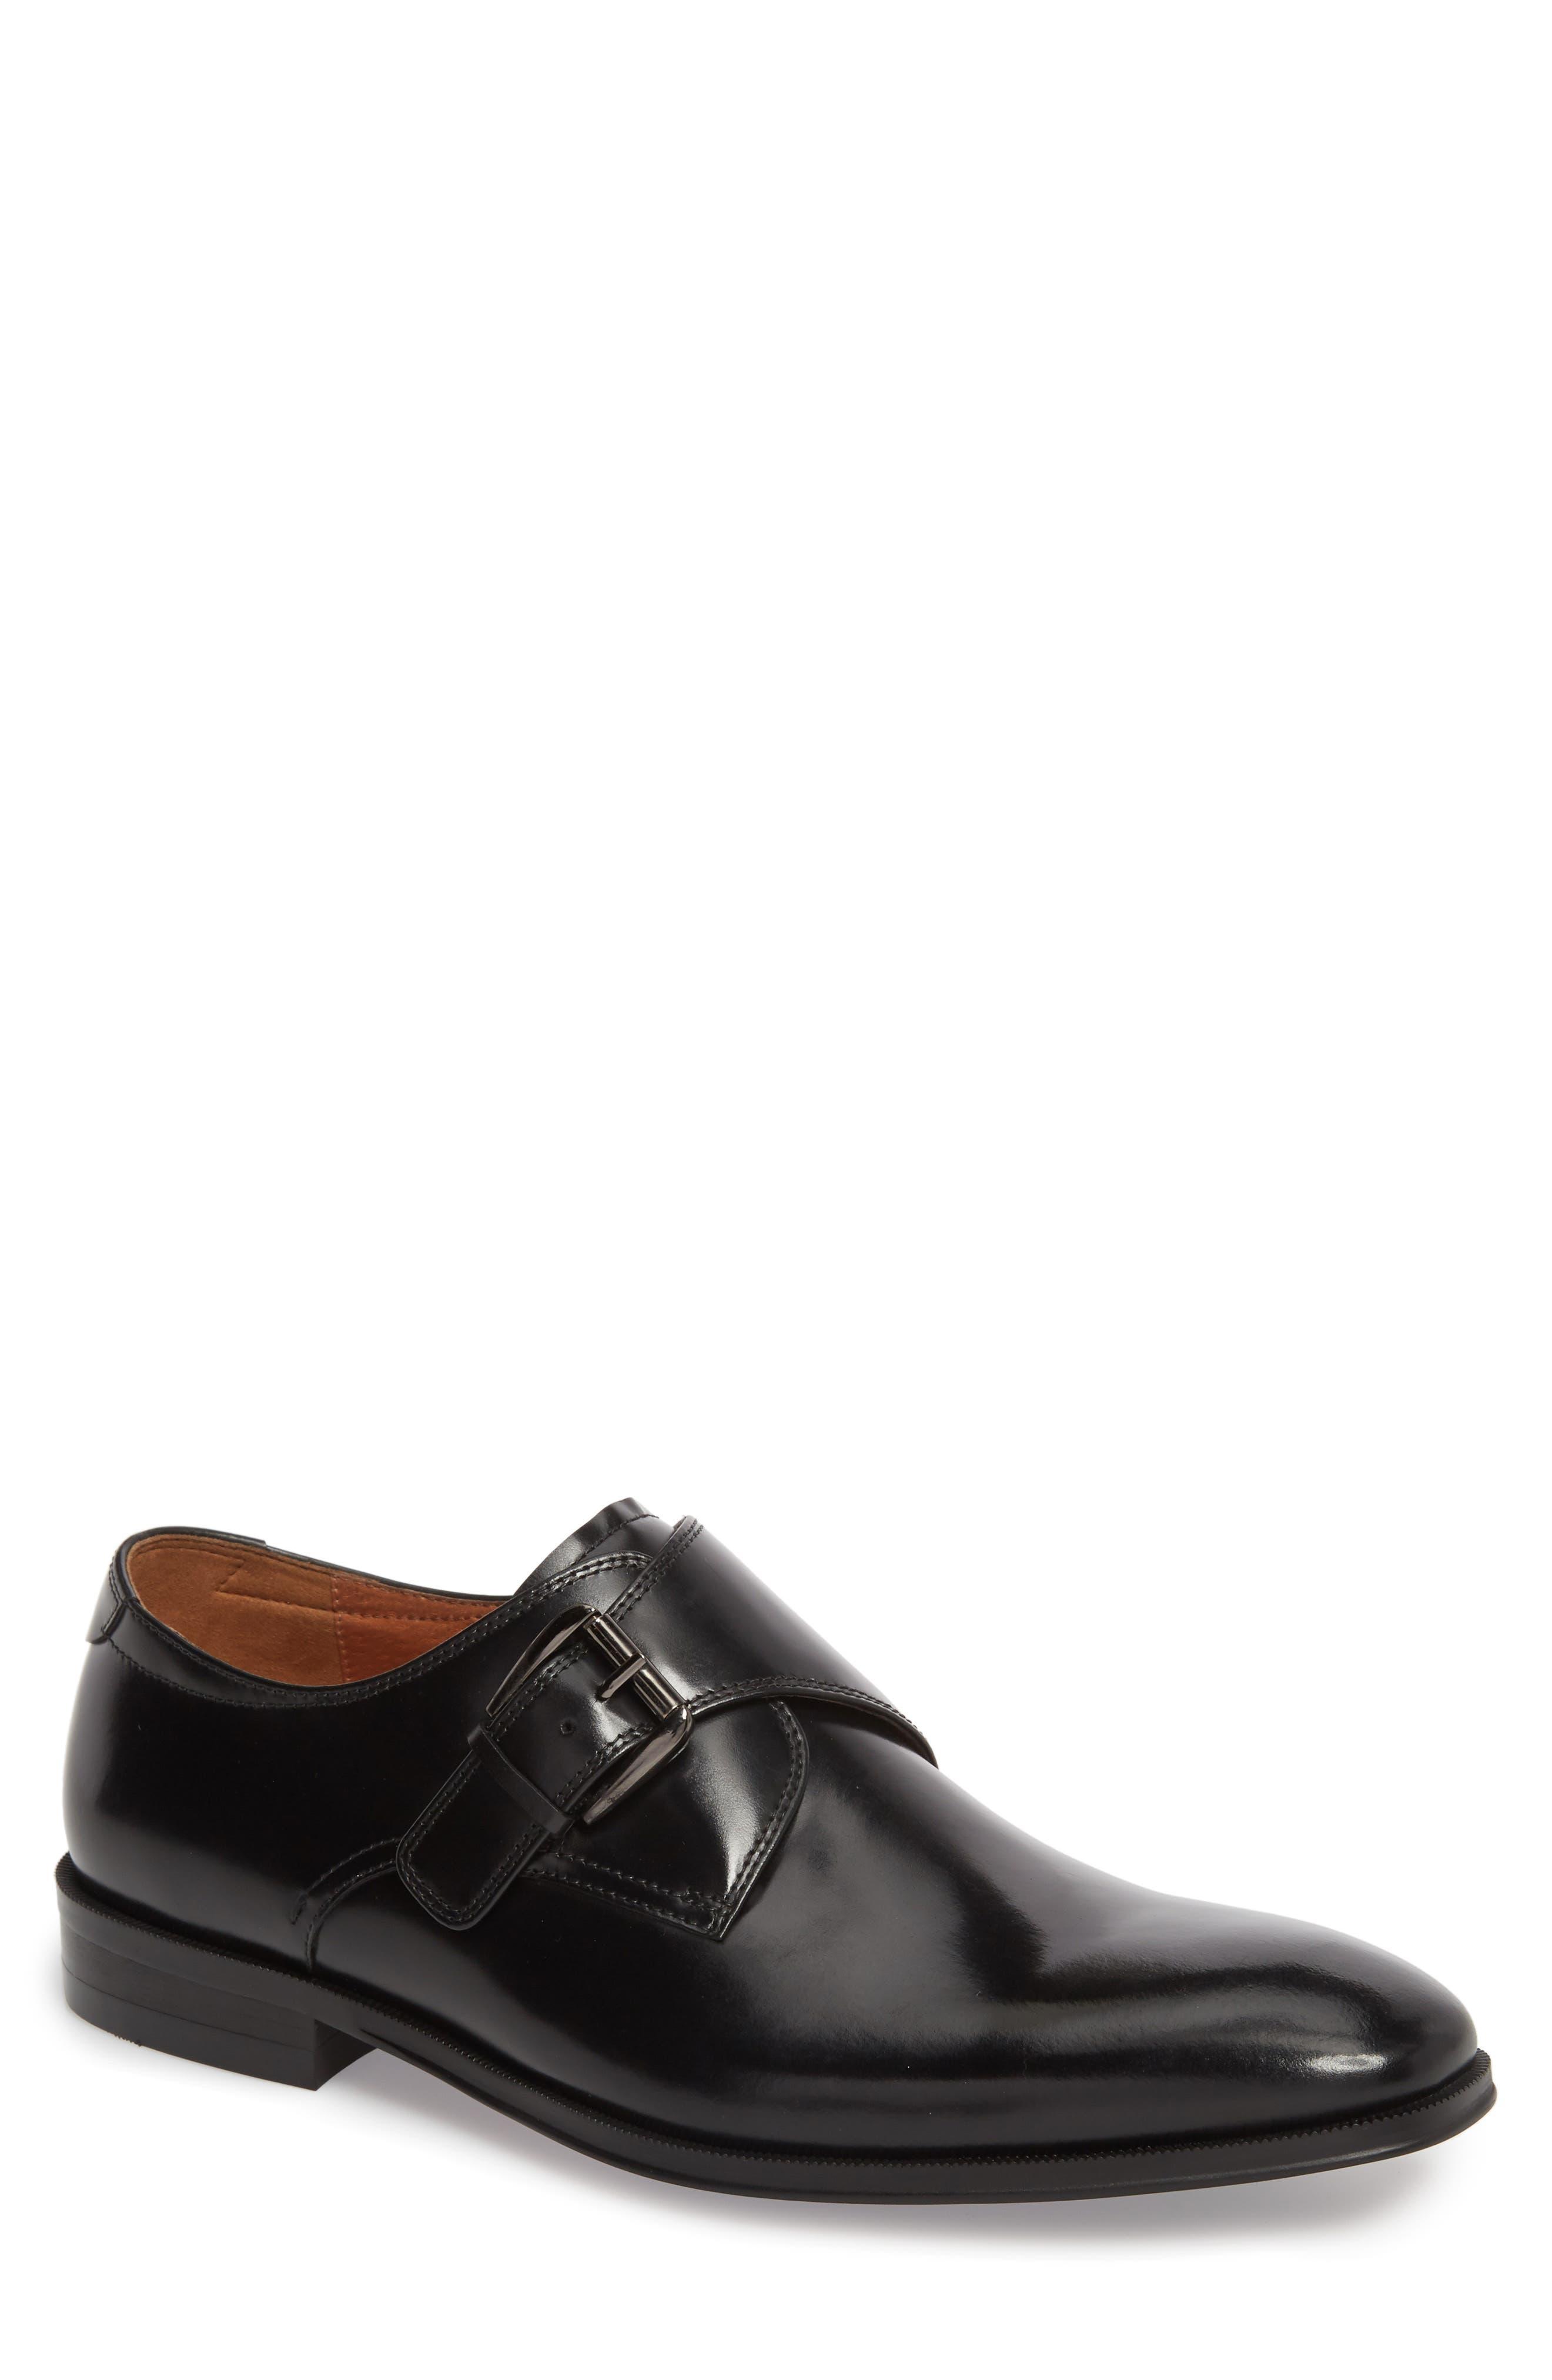 FLORSHEIM Belfast Single Strap Monk Shoe, Main, color, BLACK LEATHER